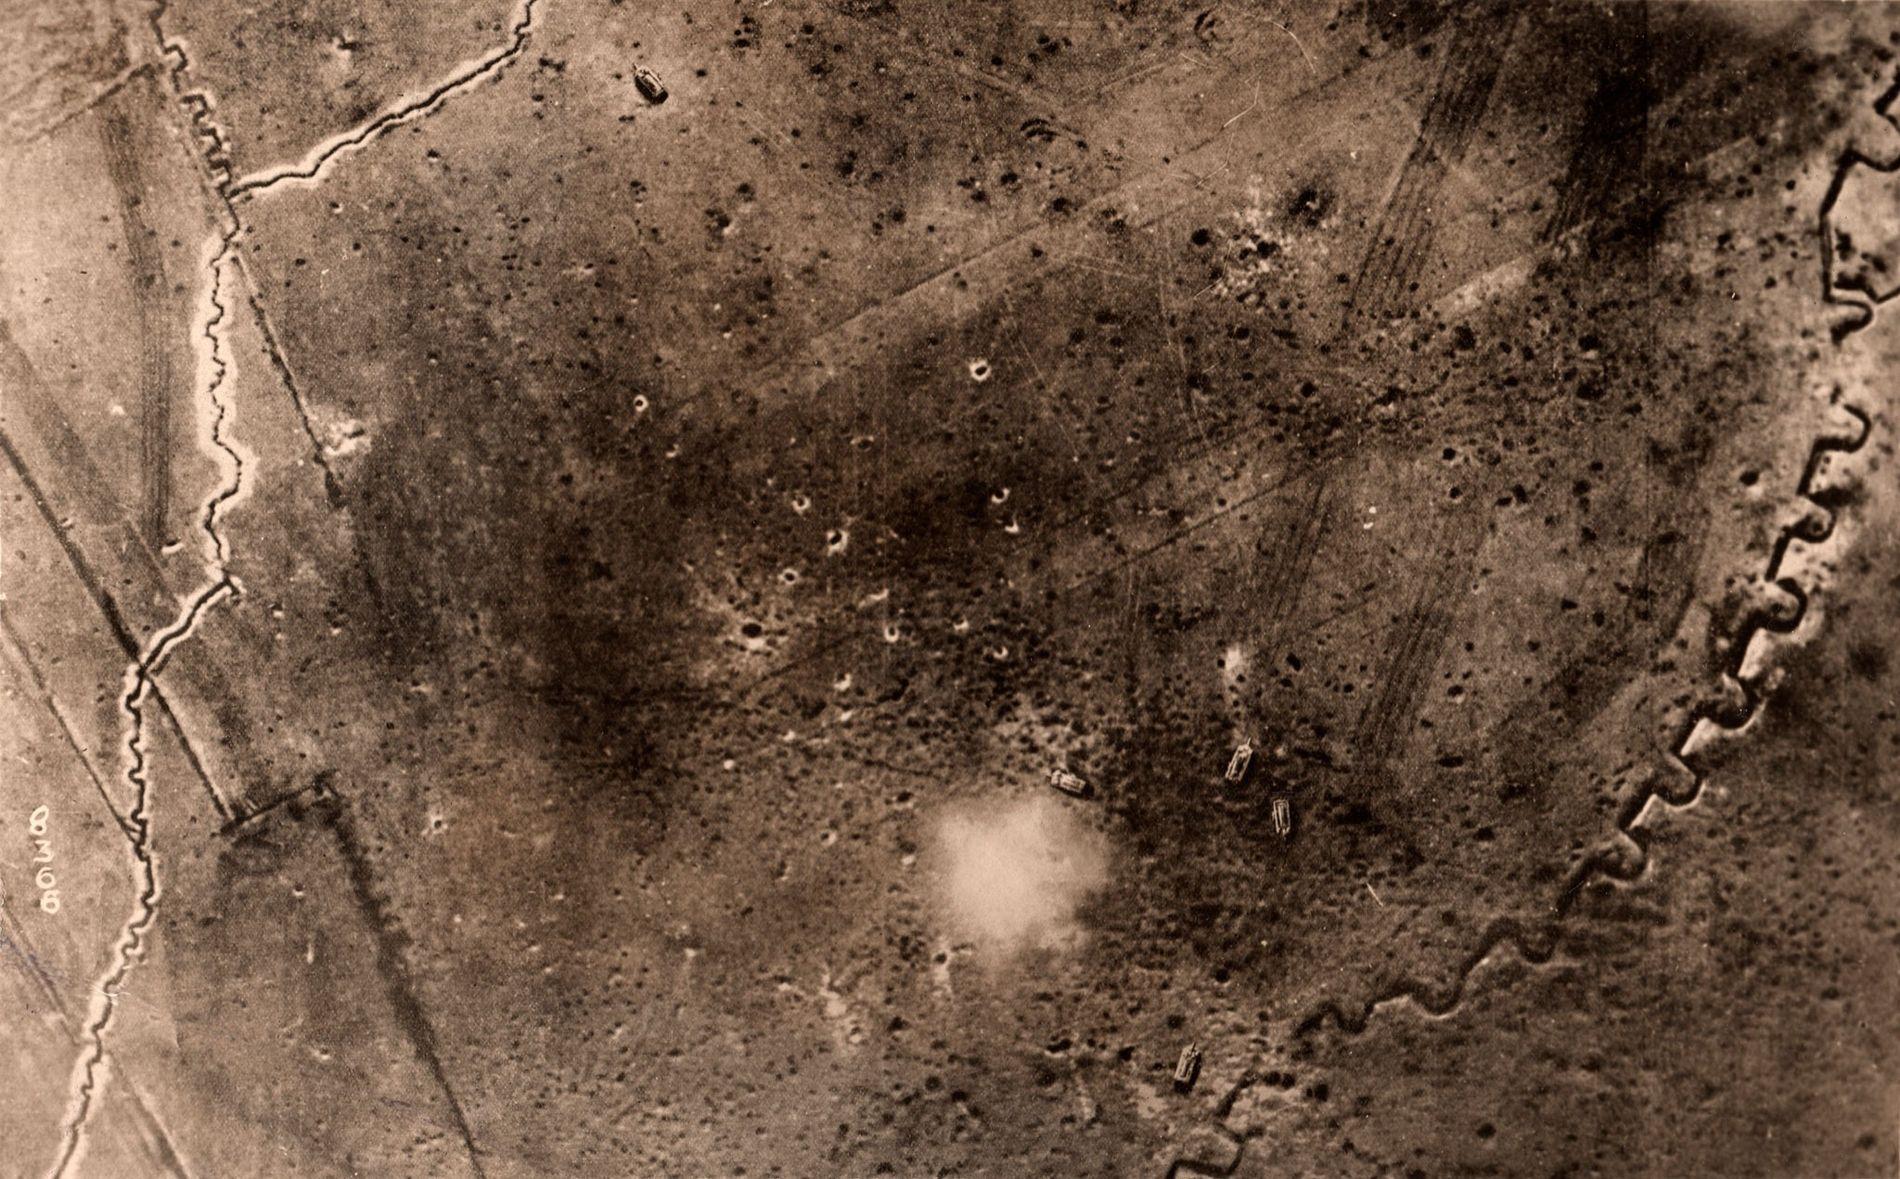 Los arqueólogos se basan en fotografías aéreas sacadas durante la Primera Guerra Mundial para reconstruir el ...